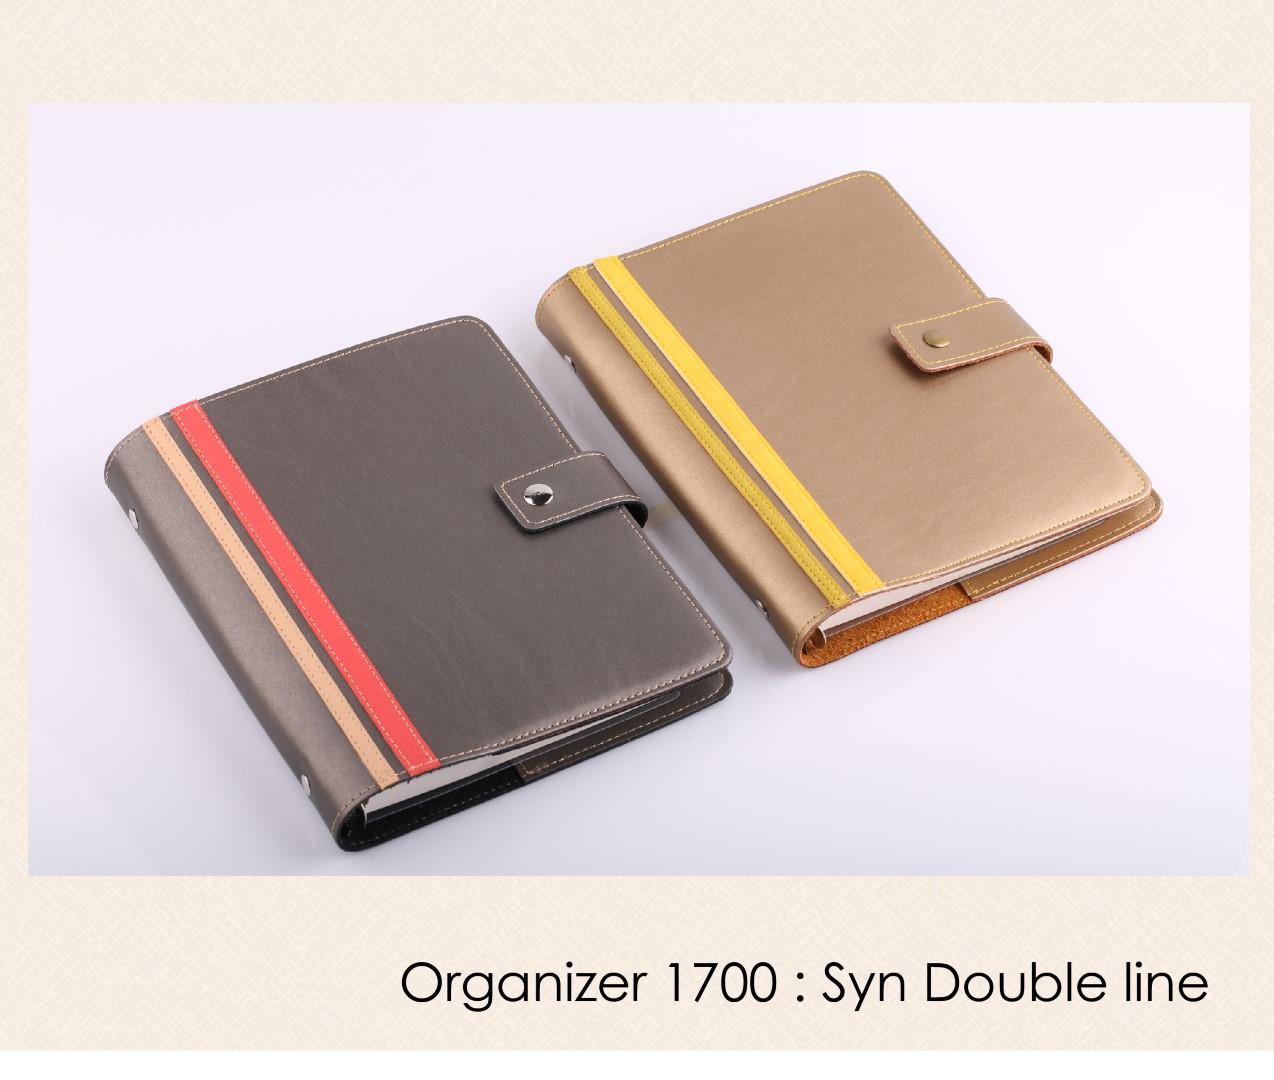 สมุดออร์กาไนเซอร์ Organizer : OR 1600 - Syn double line (หนังเลียนแบบหนังแท้ สวยเหมือนหนังแท้)